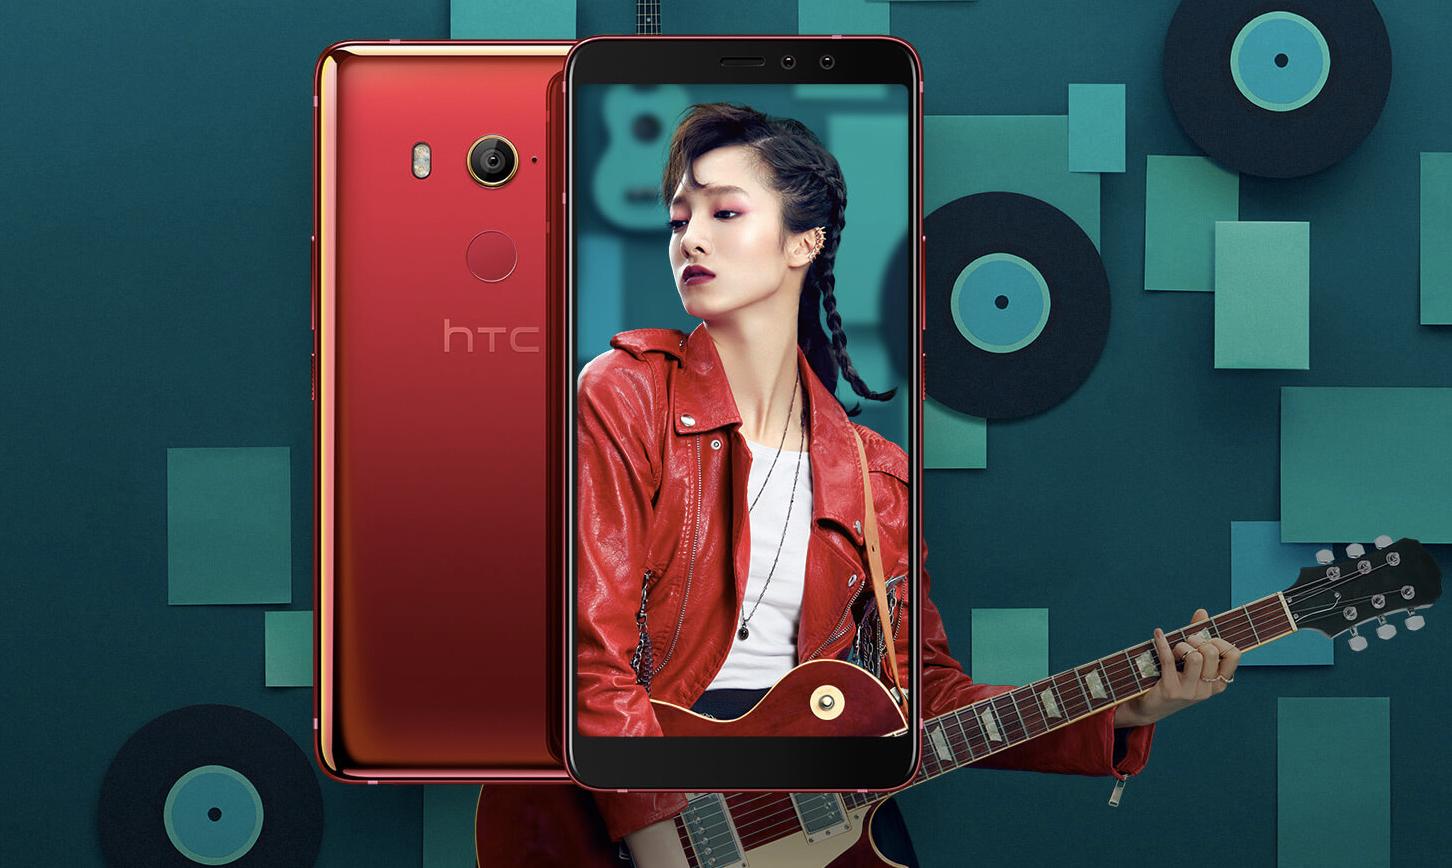 Обновлено: Смартфон HTC U11 EYEs со сдвоенной фронтальной камерой и поддержкой распознавания лиц представлен официально